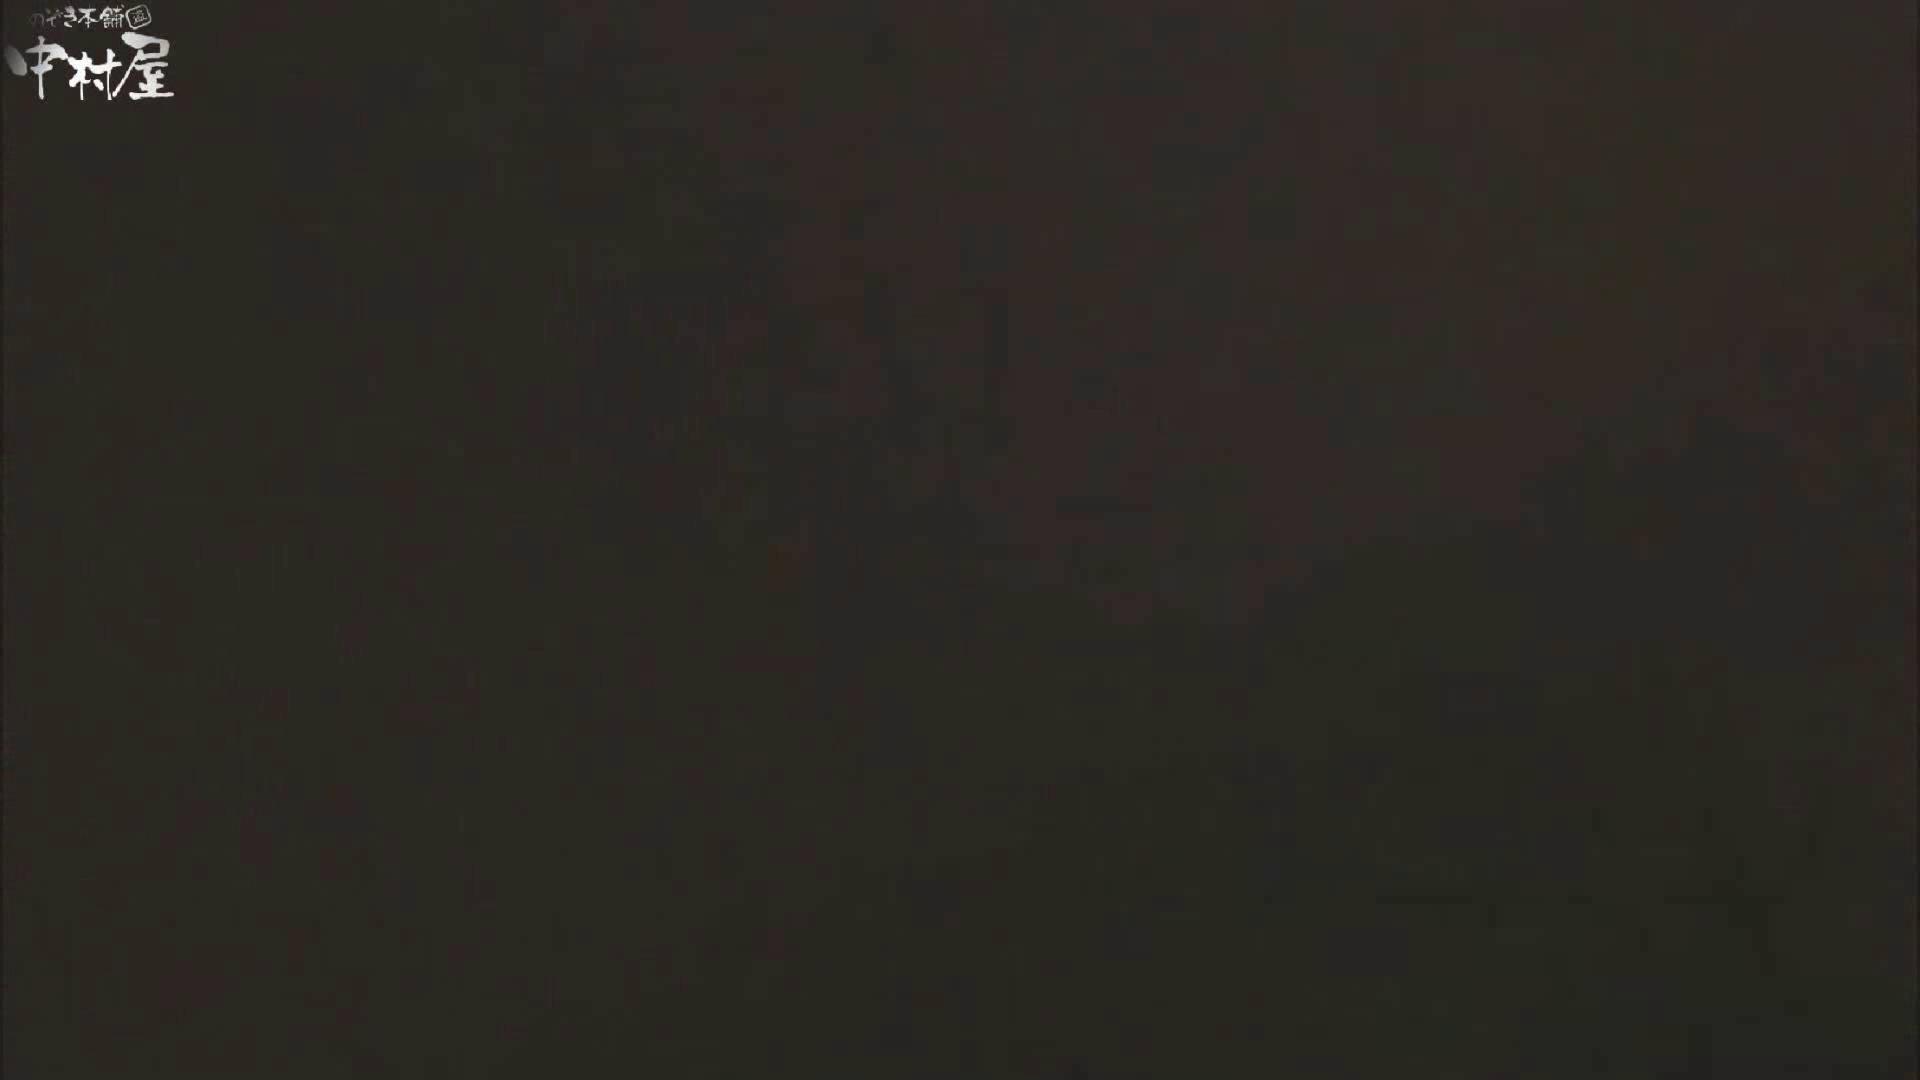 解禁!海の家4カメ洗面所vol.09 OLのエロ生活 | 人気シリーズ  101連発 49